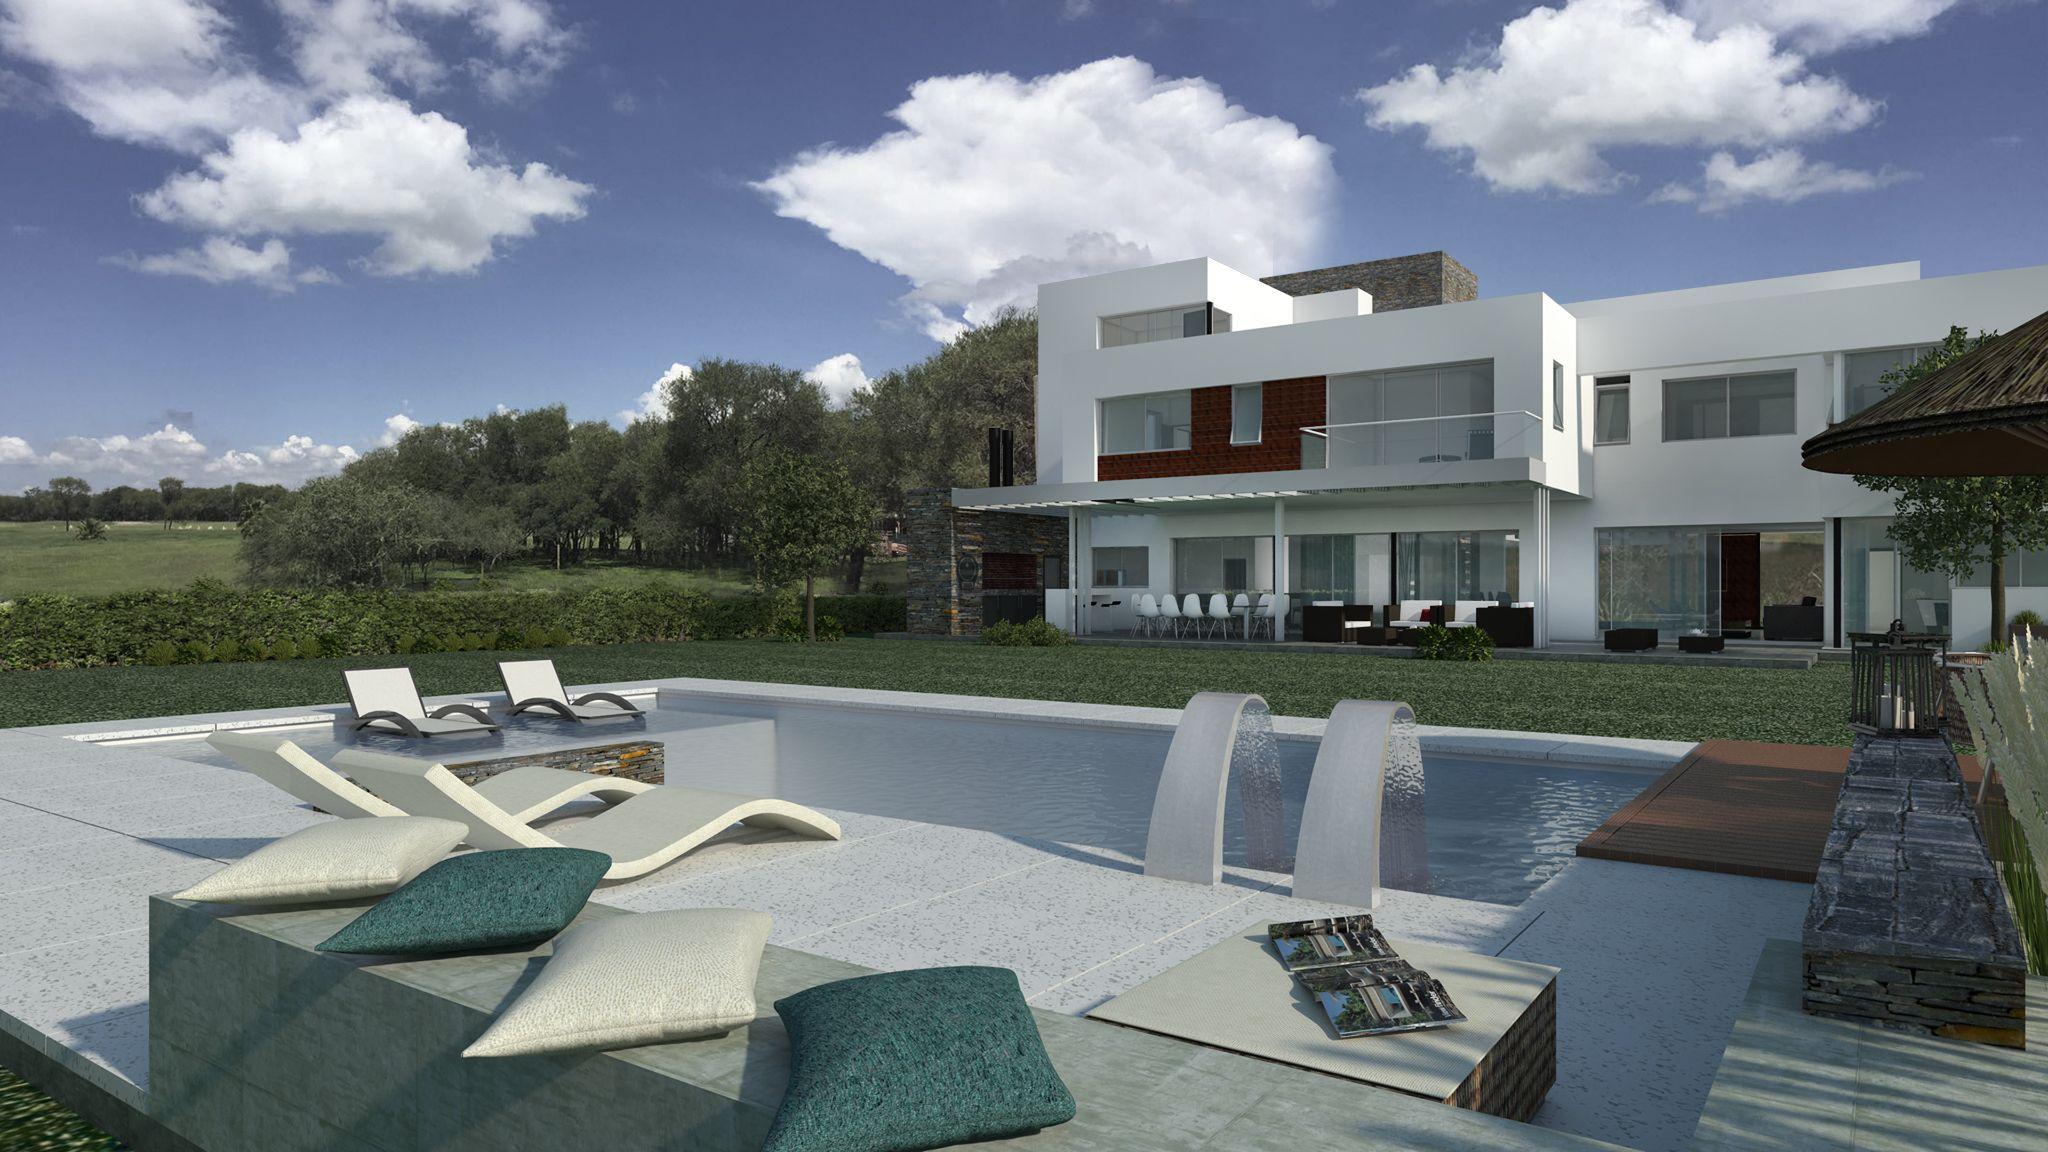 piscinasscualoproyecto vivienda y piscina + piscinasscualo +